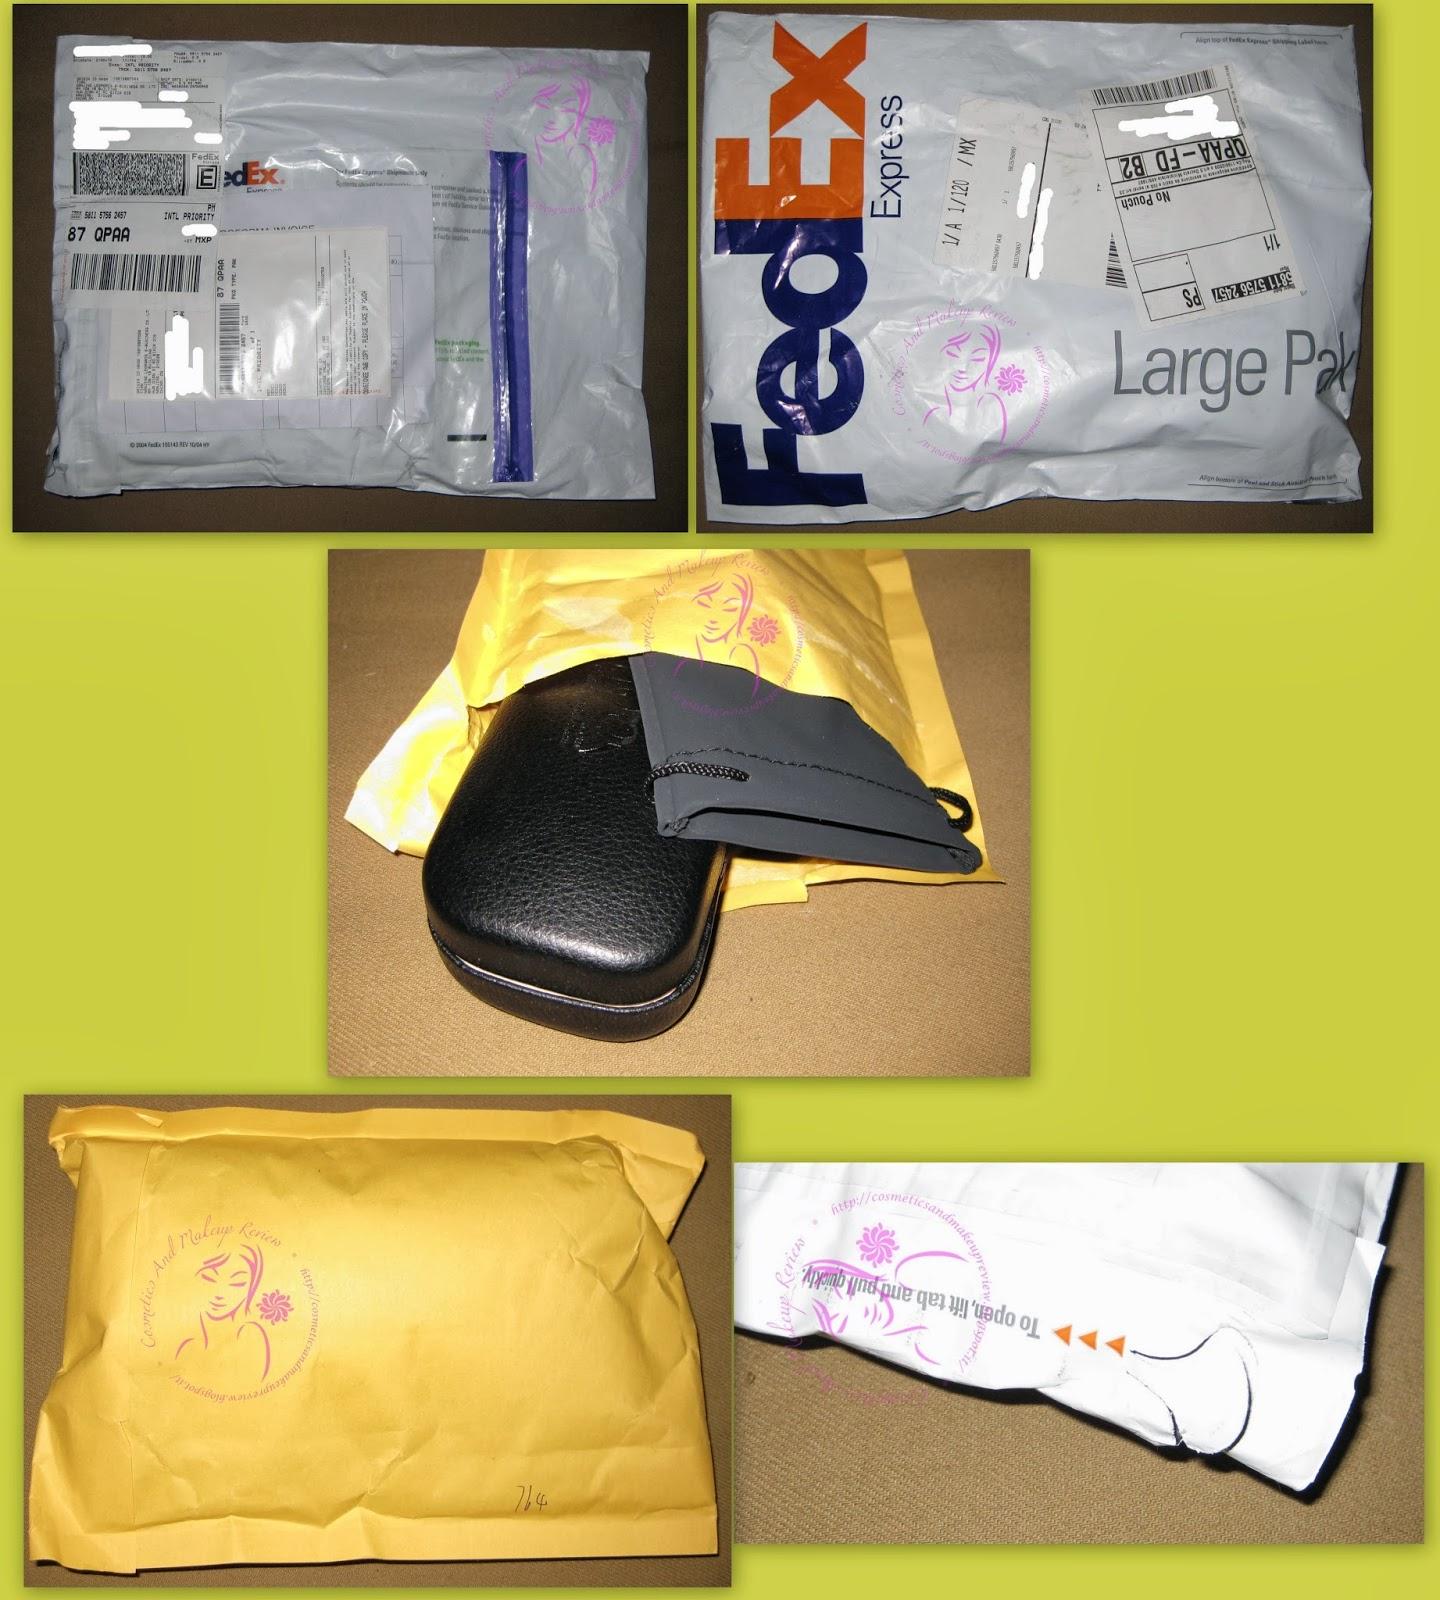 Firmoo - Il pacco spedito